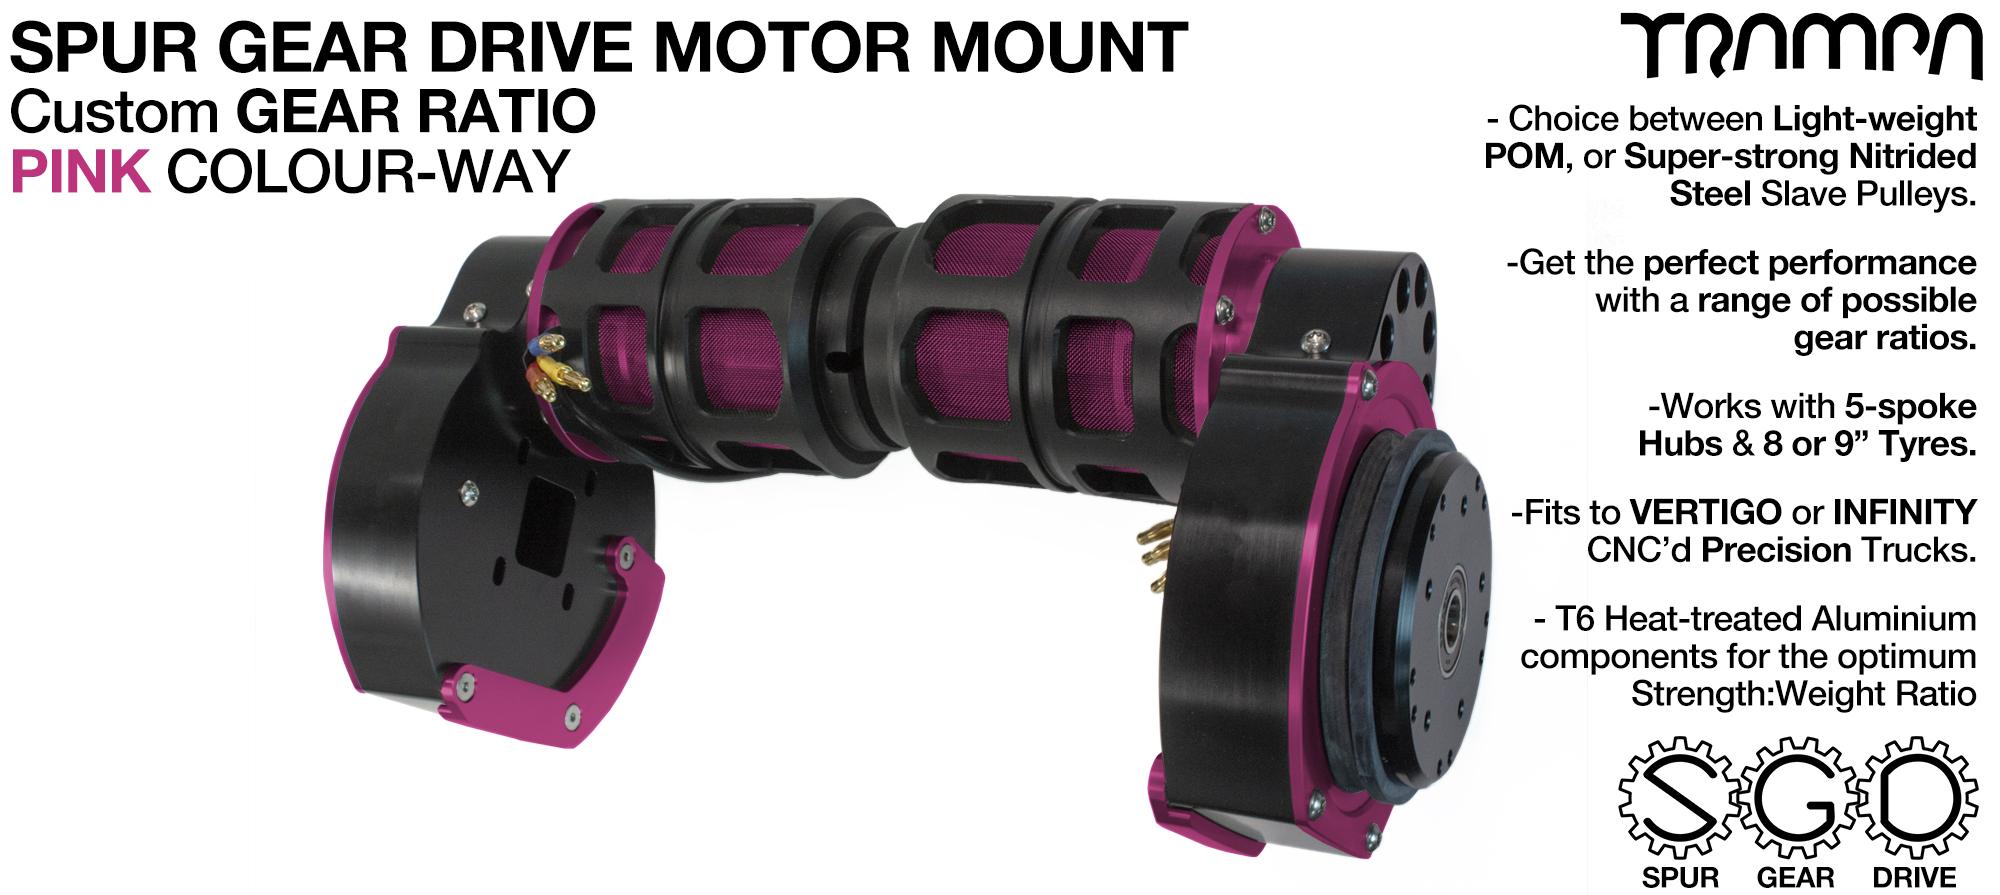 Mountainboard Spur Gear Drive TWIN Motor Mounts - PINK